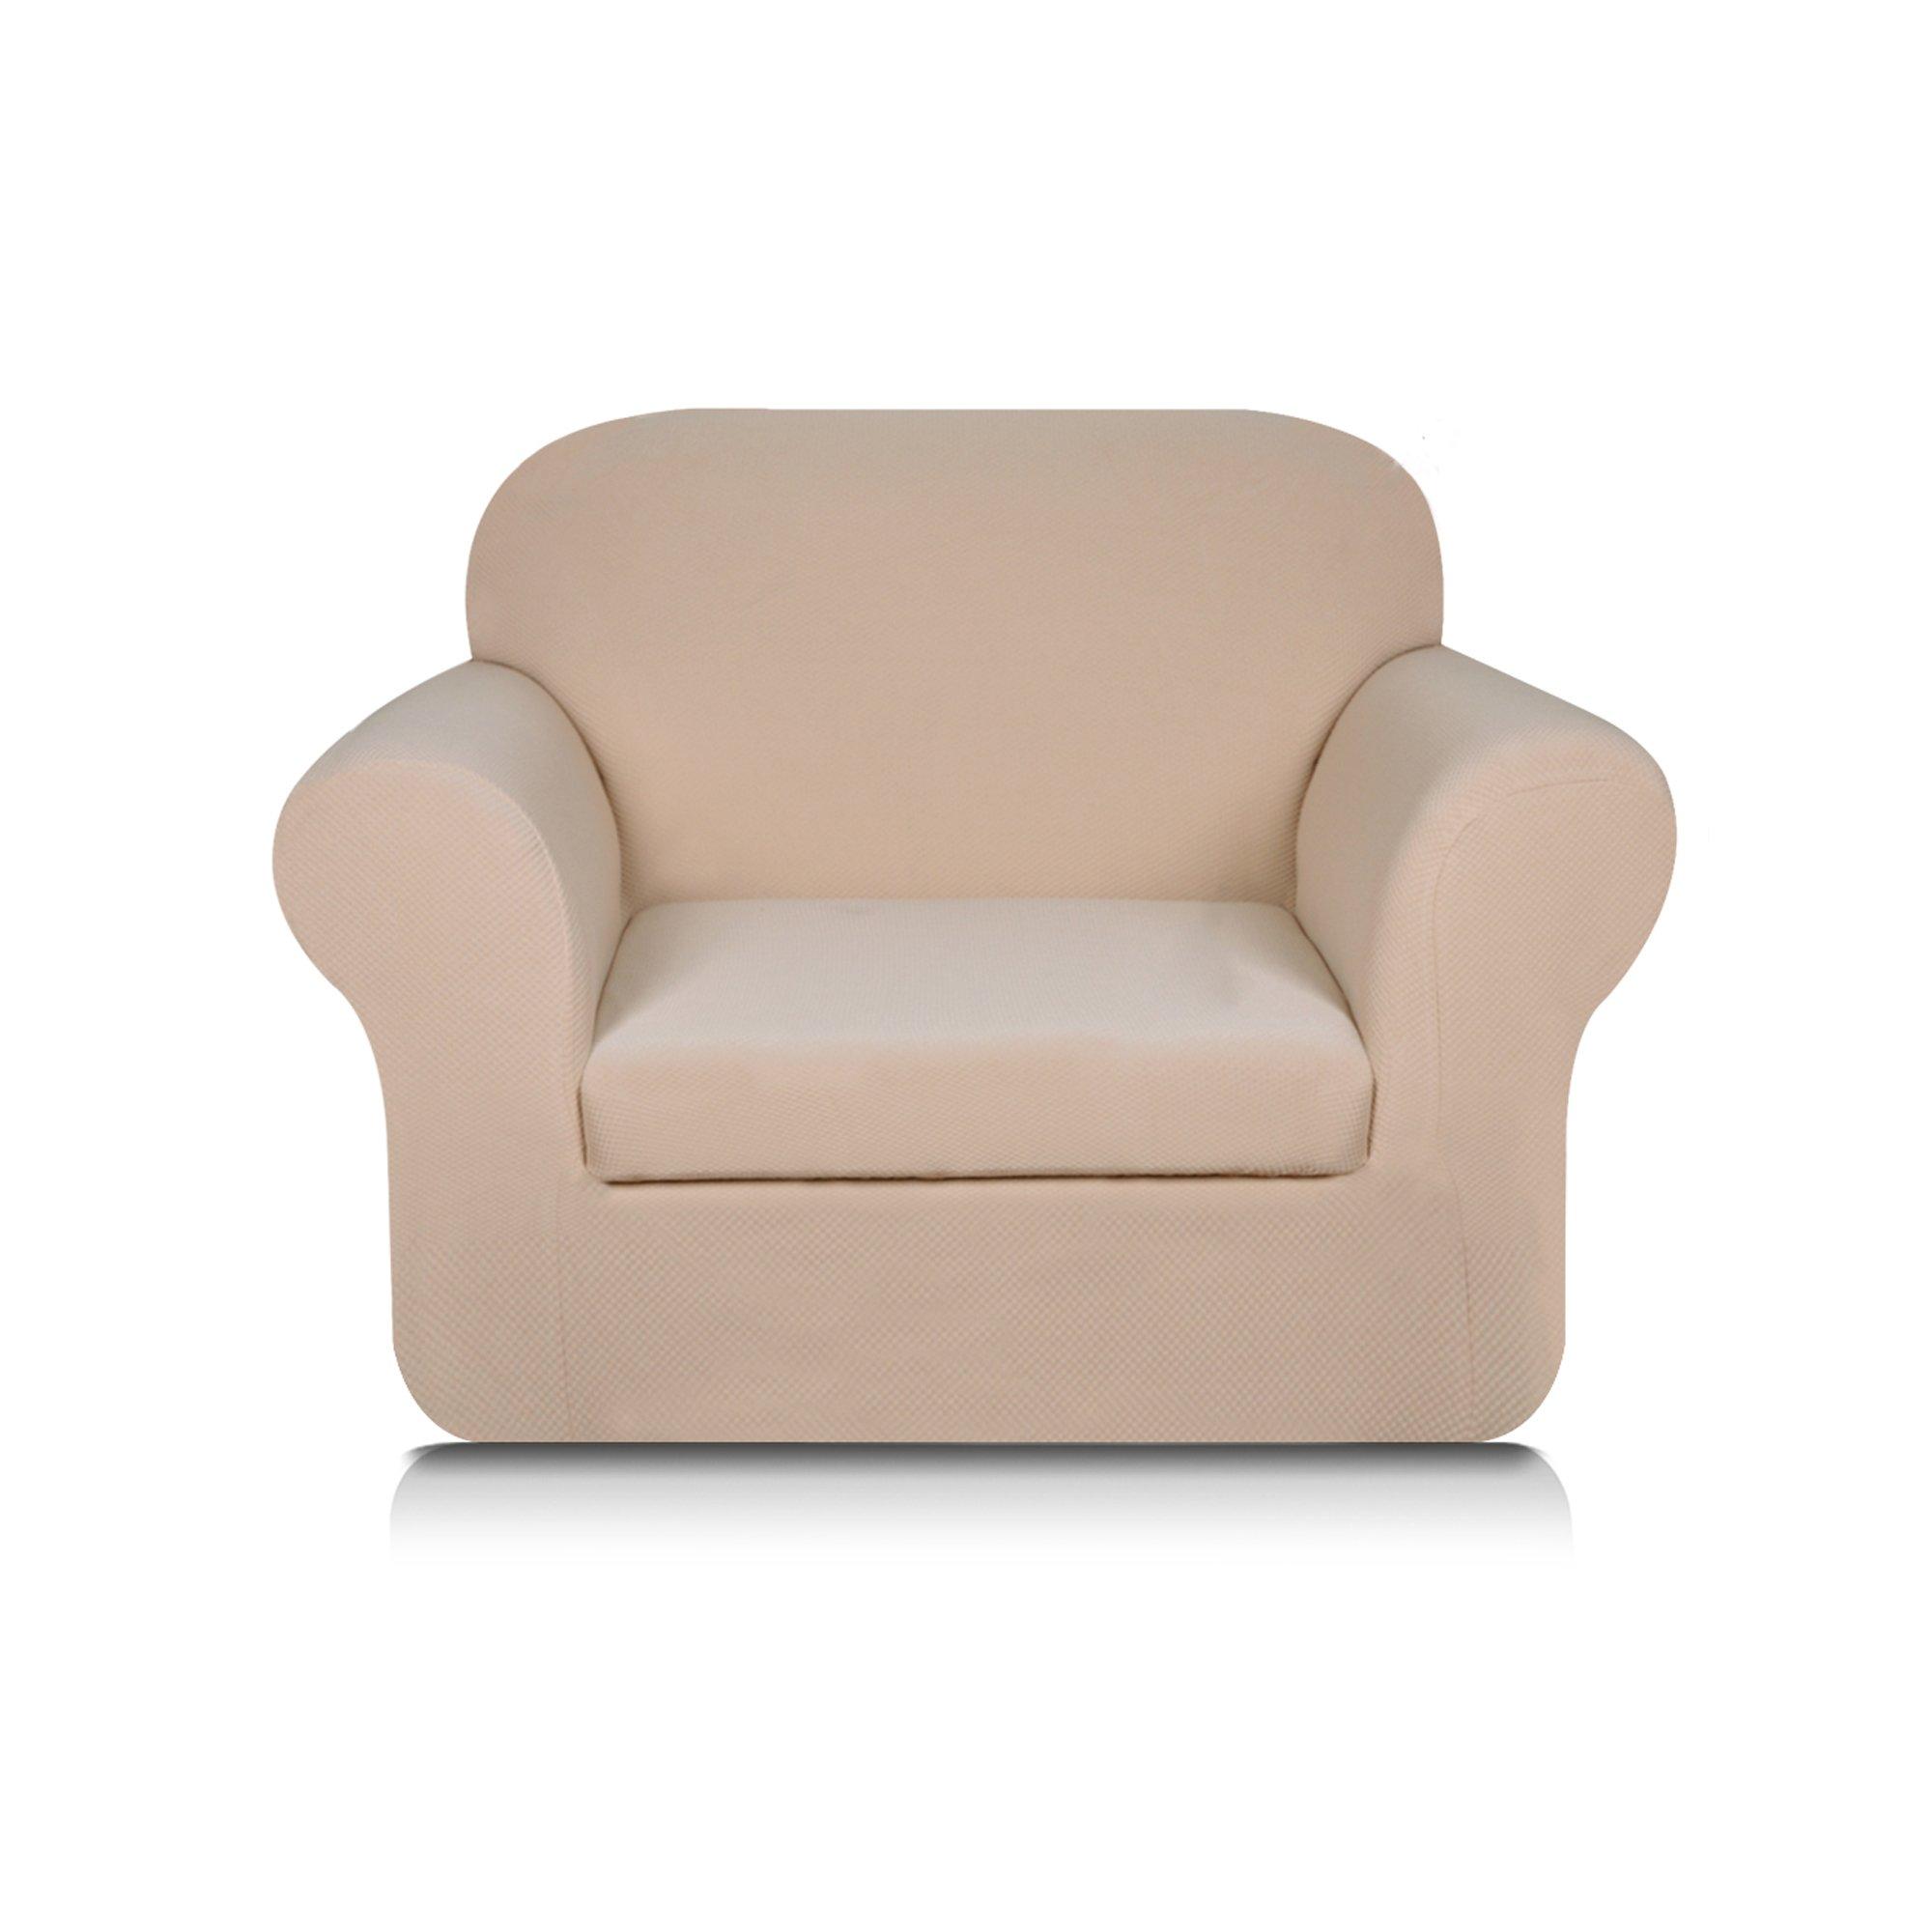 Subrtex 2-Piece Knit Jacquard Spandex Stretch Sofa Slipcover (Chair, Milky)